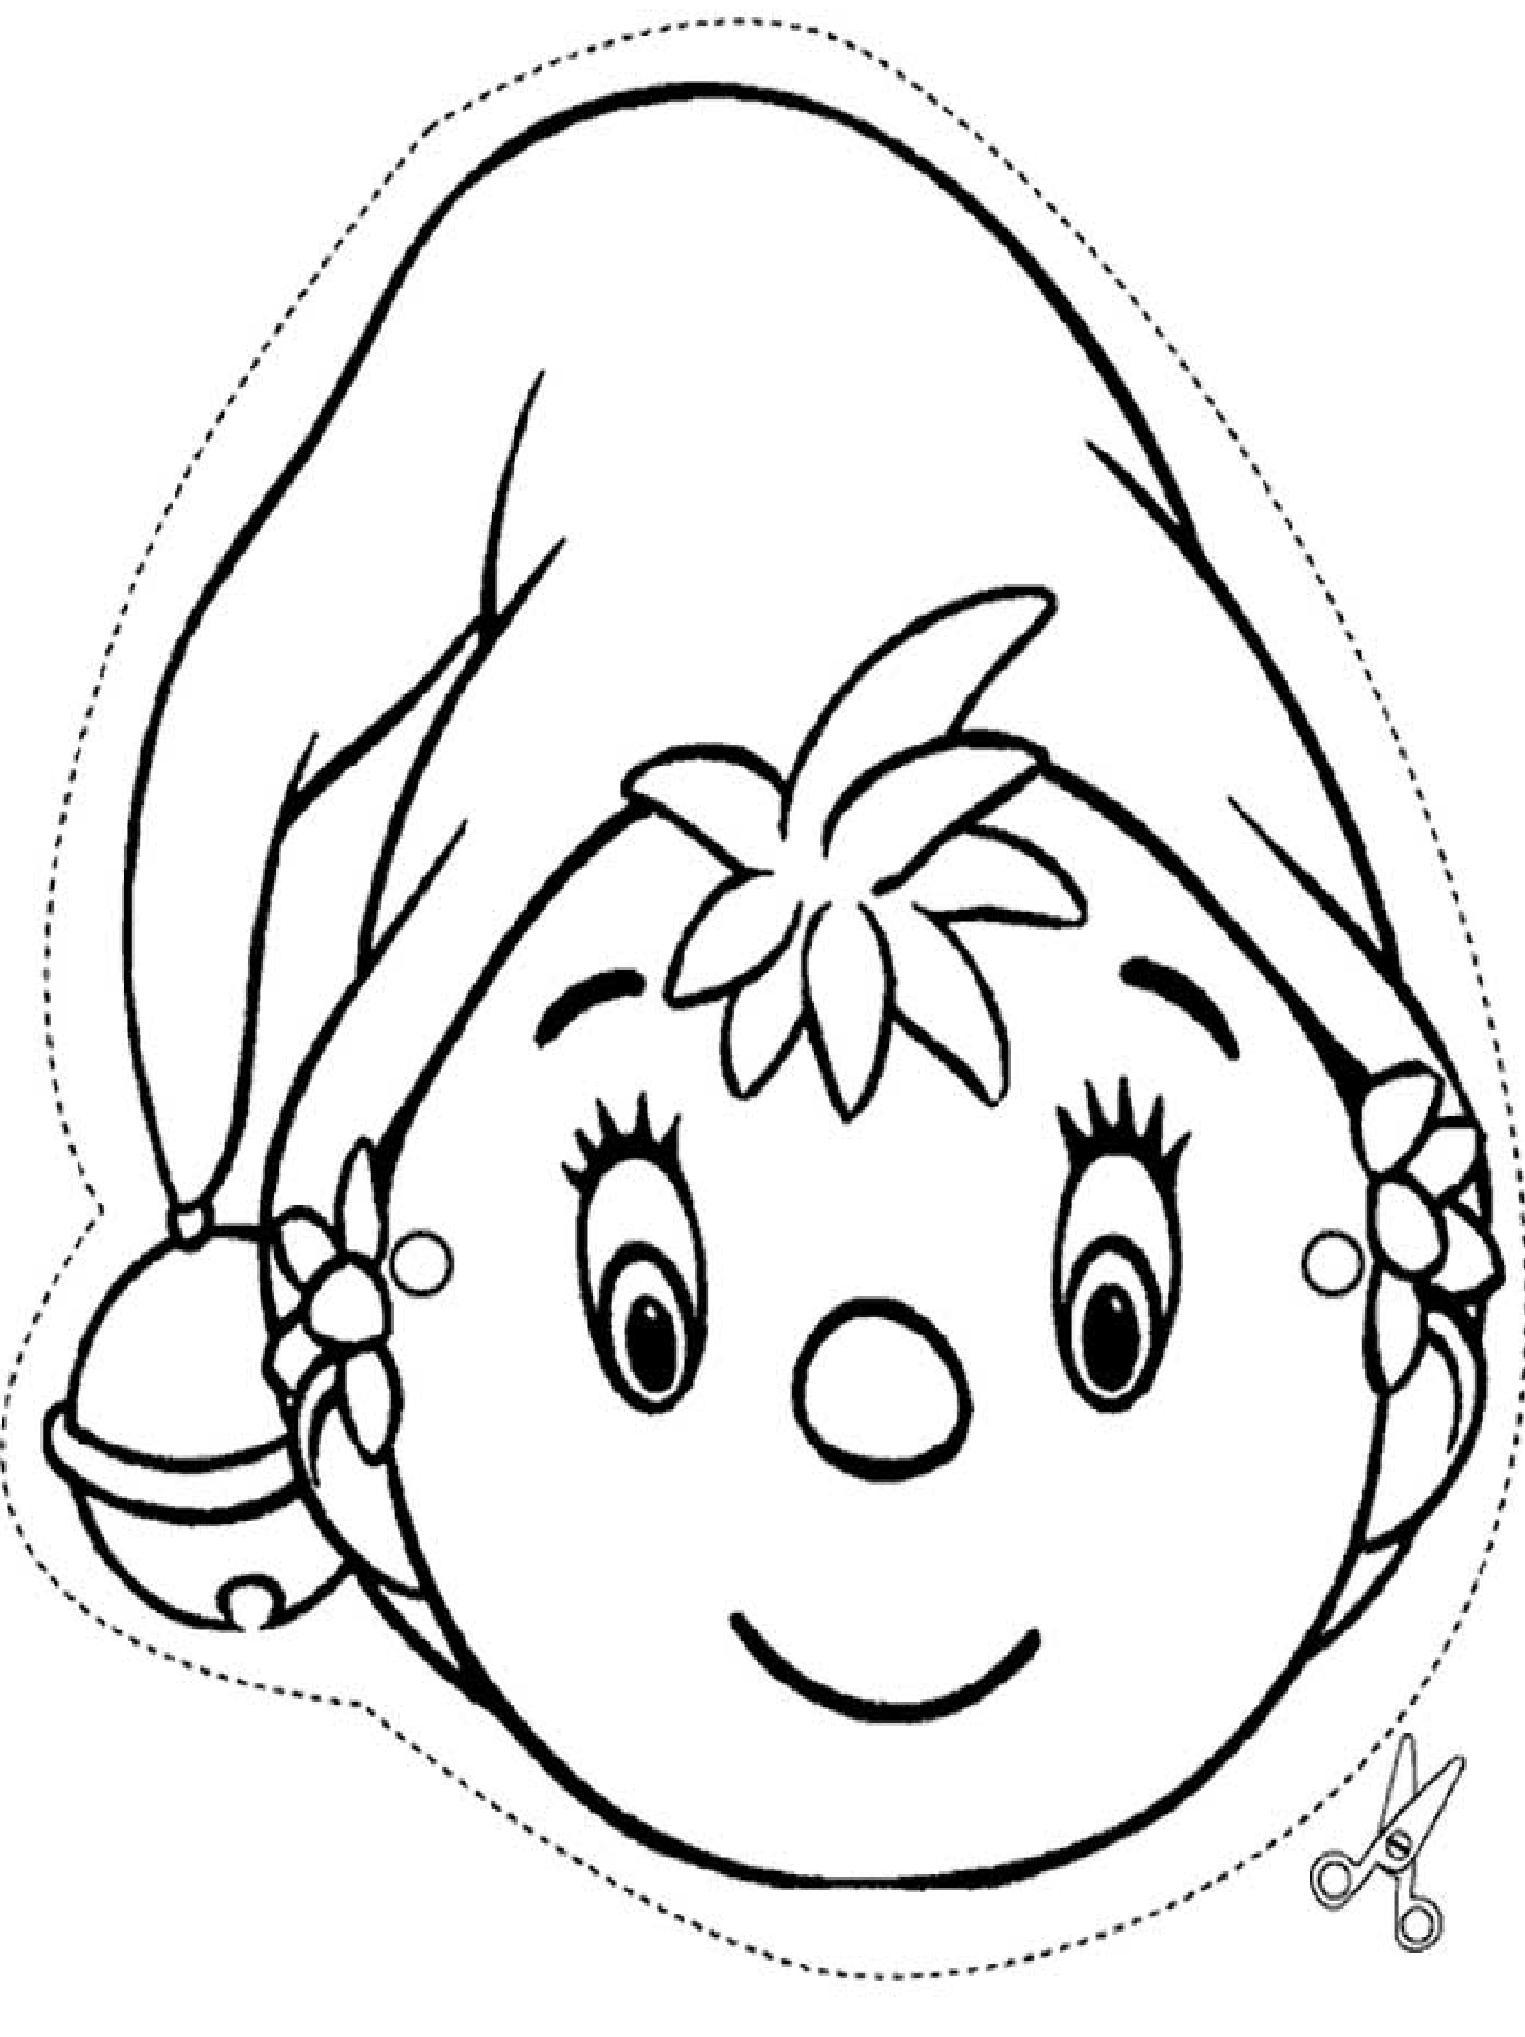 Masque-P273 Decoupage A Imprimer Pour Enfants encequiconcerne Visage À Colorier